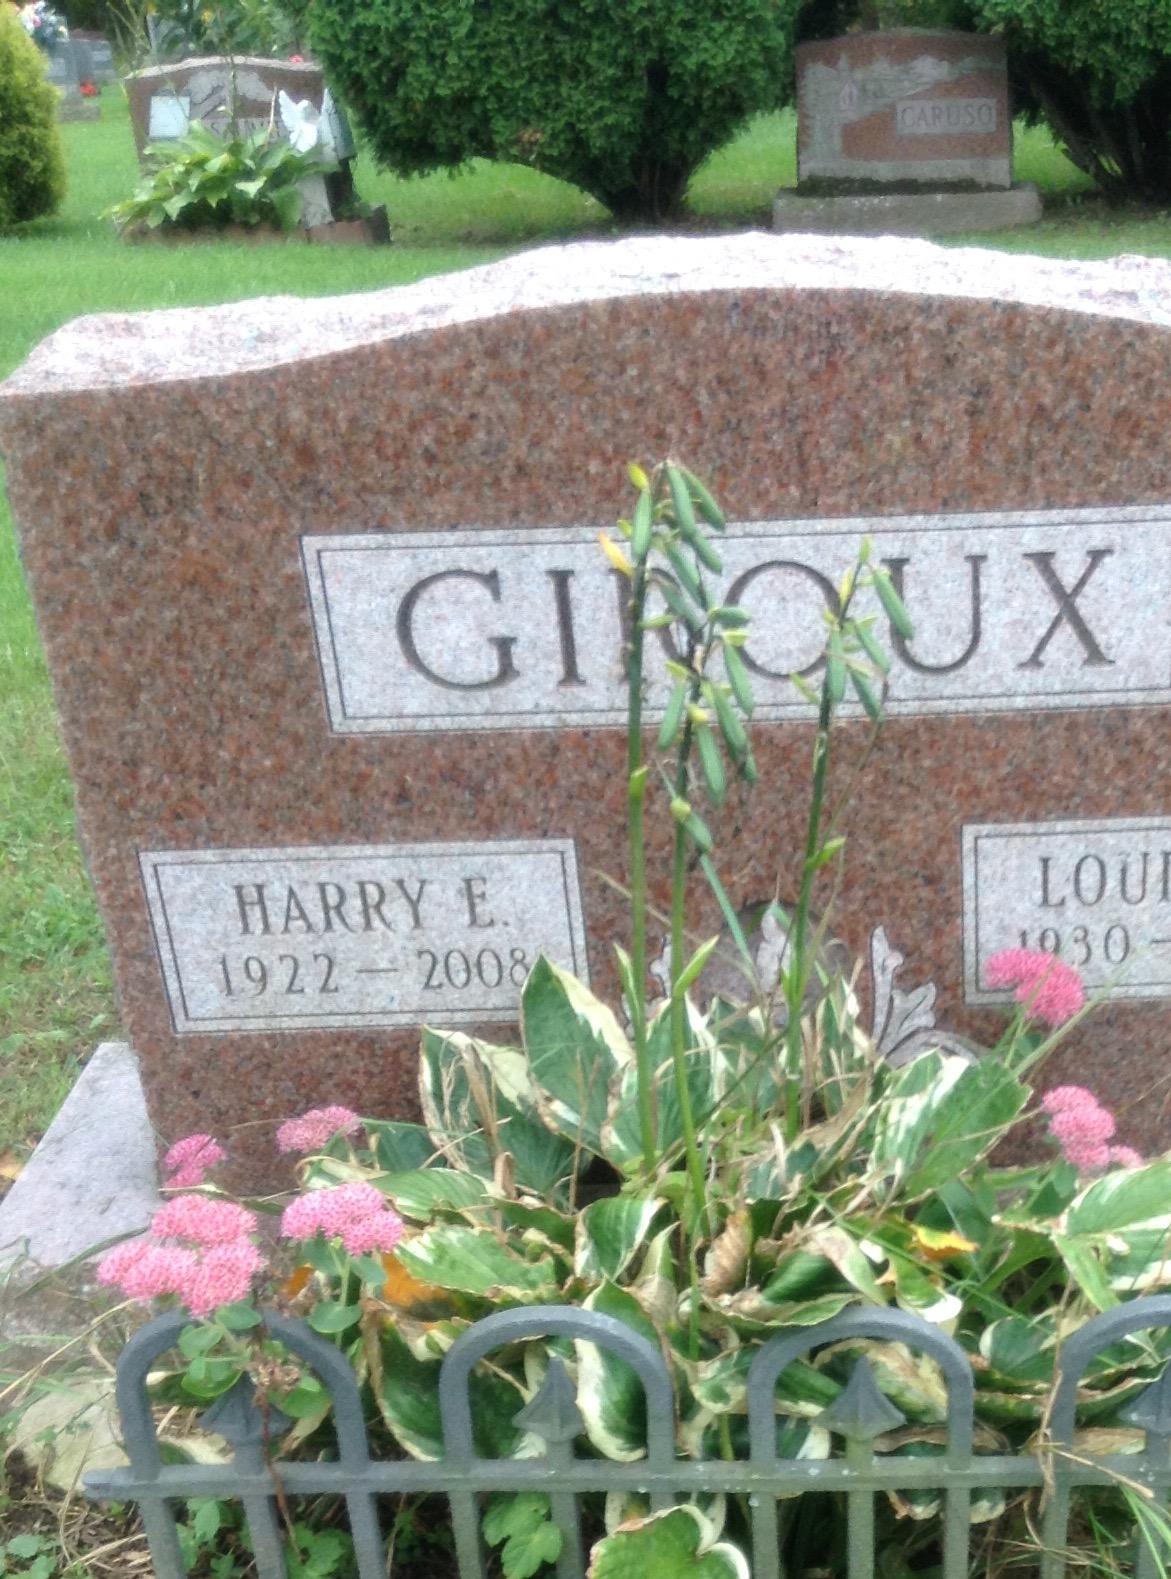 Exerine Giroux